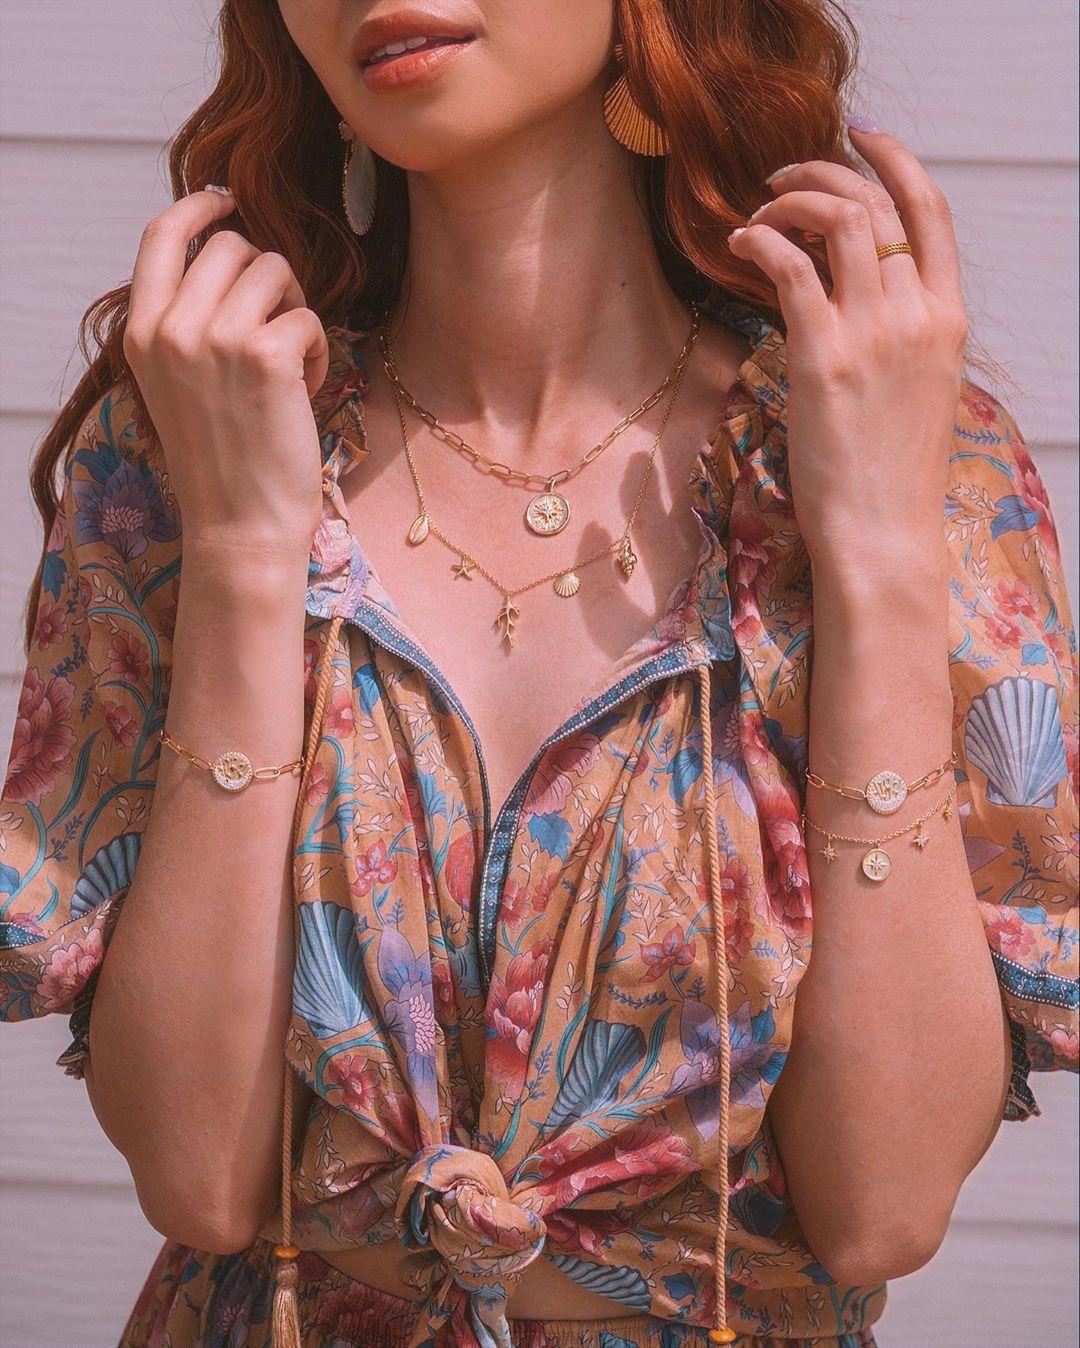 Cô gái mặc áo in hoa, đeo vòng tay và dây chuyền mảnh